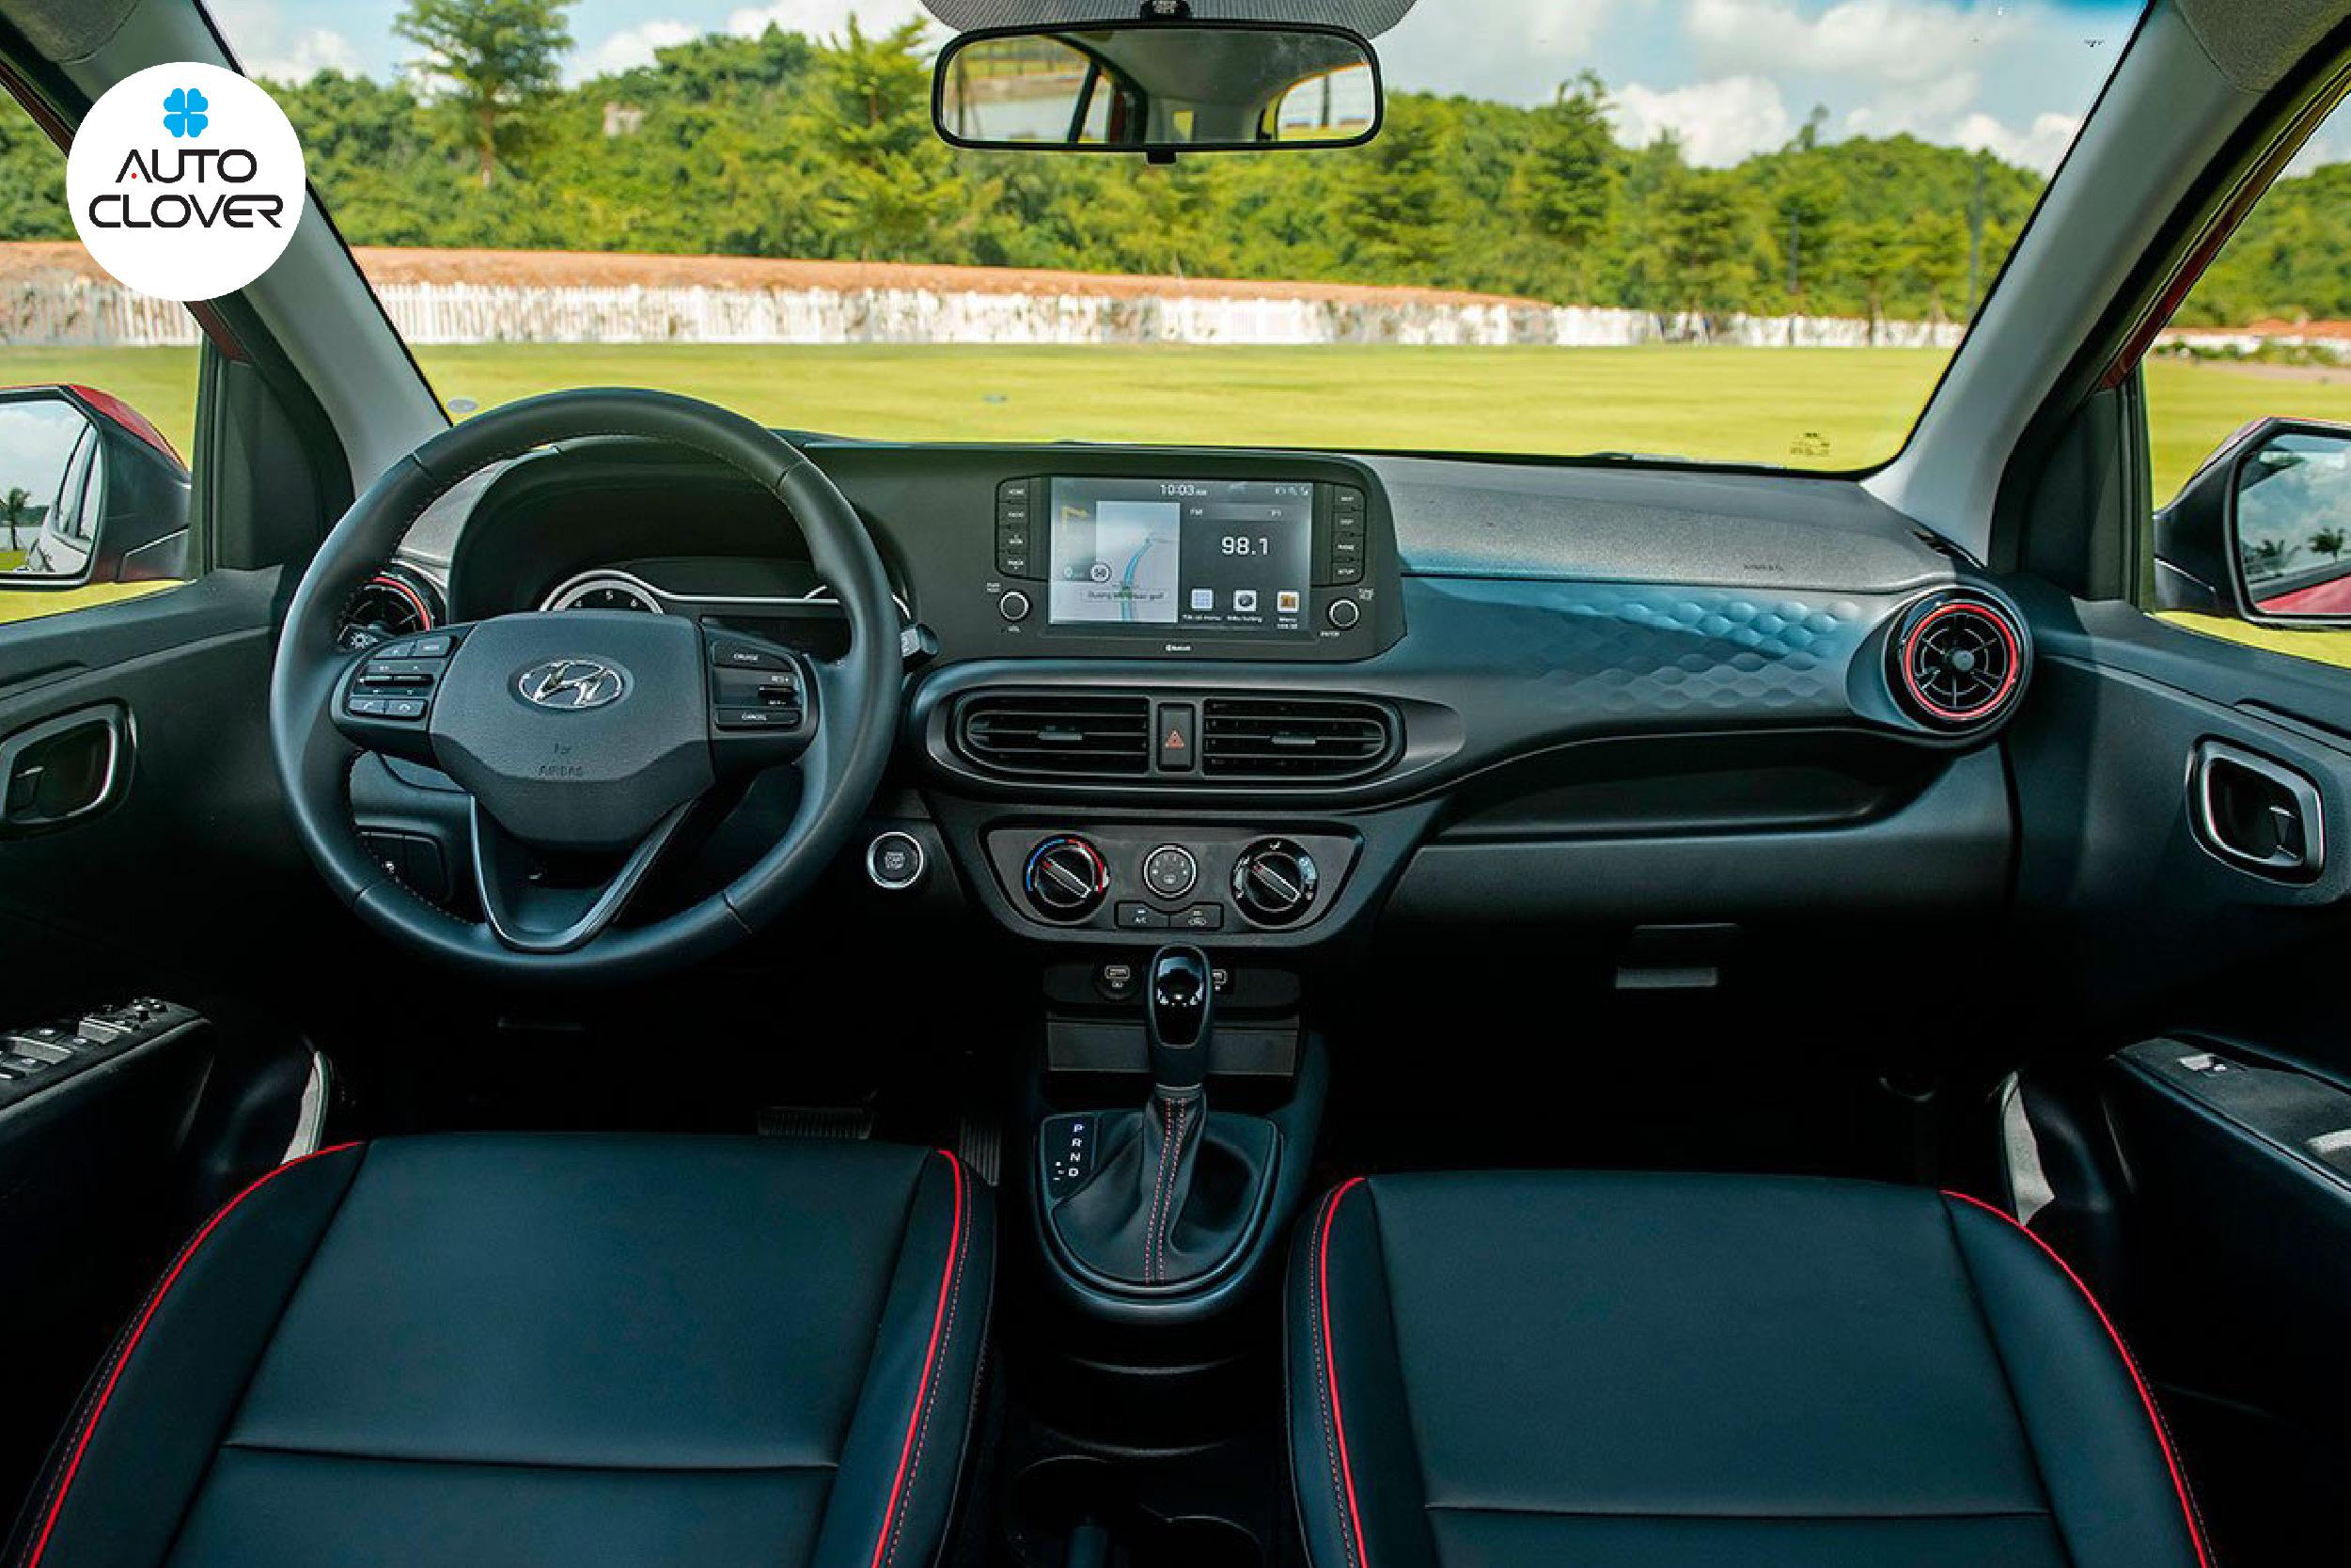 Chất liệu da tối màu kết hợp viền chỉ đỏ làm nội thất phù hợp với người chơi xe hơi thích sự năng động